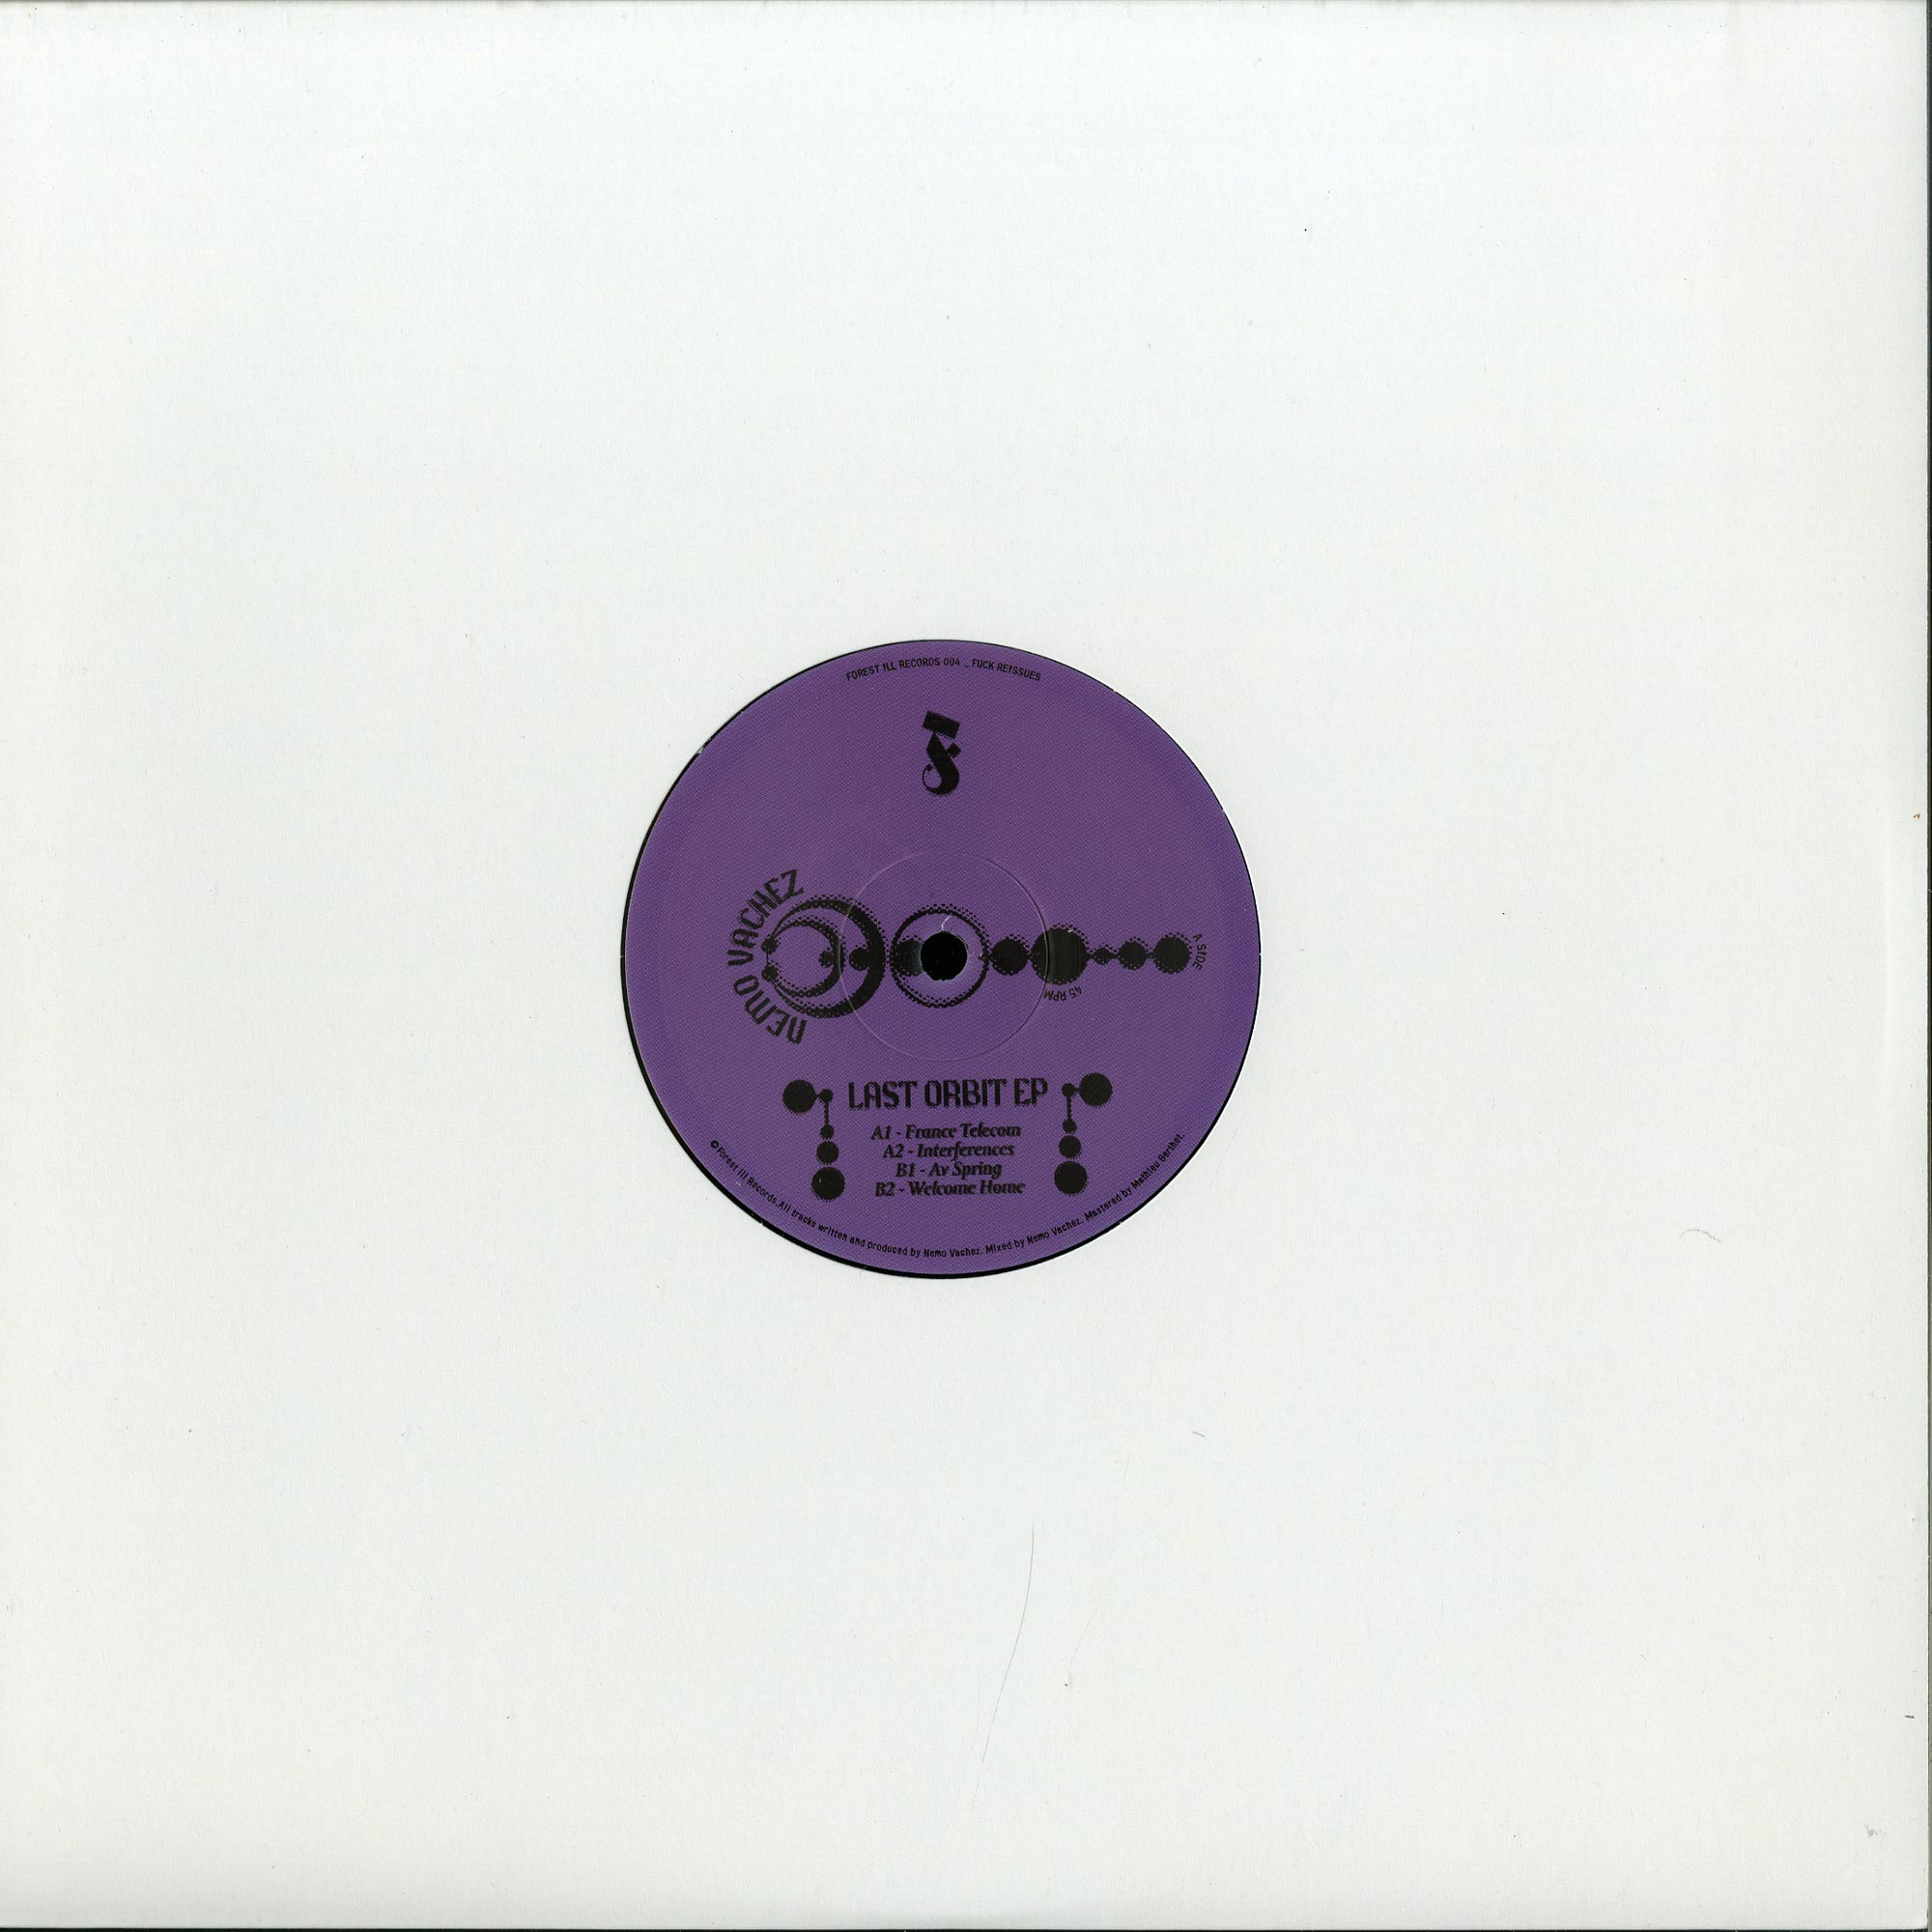 Nemo Vachez - LAST ORBIT EP